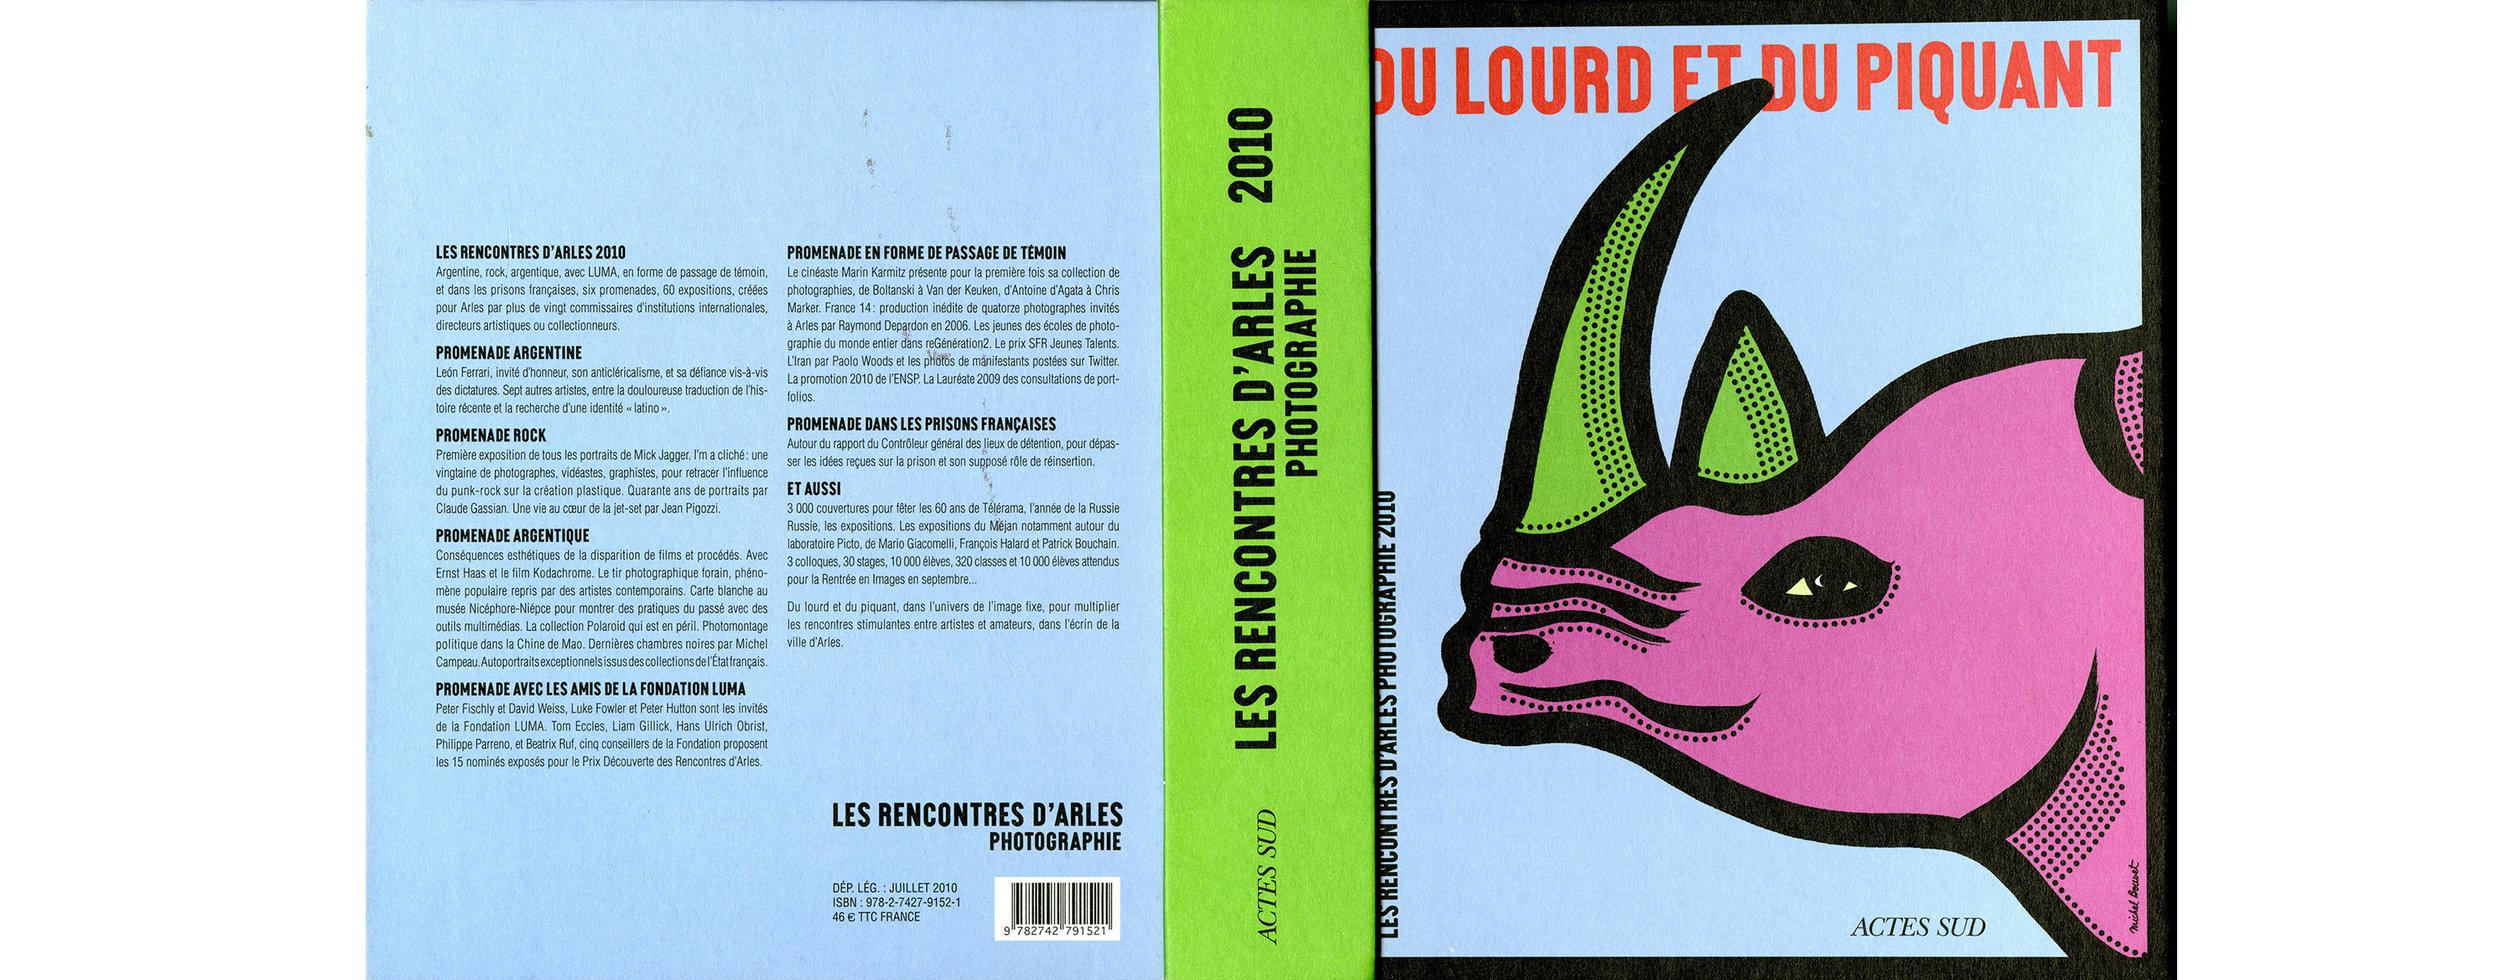 «Du lourd et du piquant»   Catalogue des Rencontres d'Arles 2010 Céline Mayrand,  Photogénie du laboratorium   Éditions Actes Sud, Arles, France, juillet 2010, p. 216 à 222